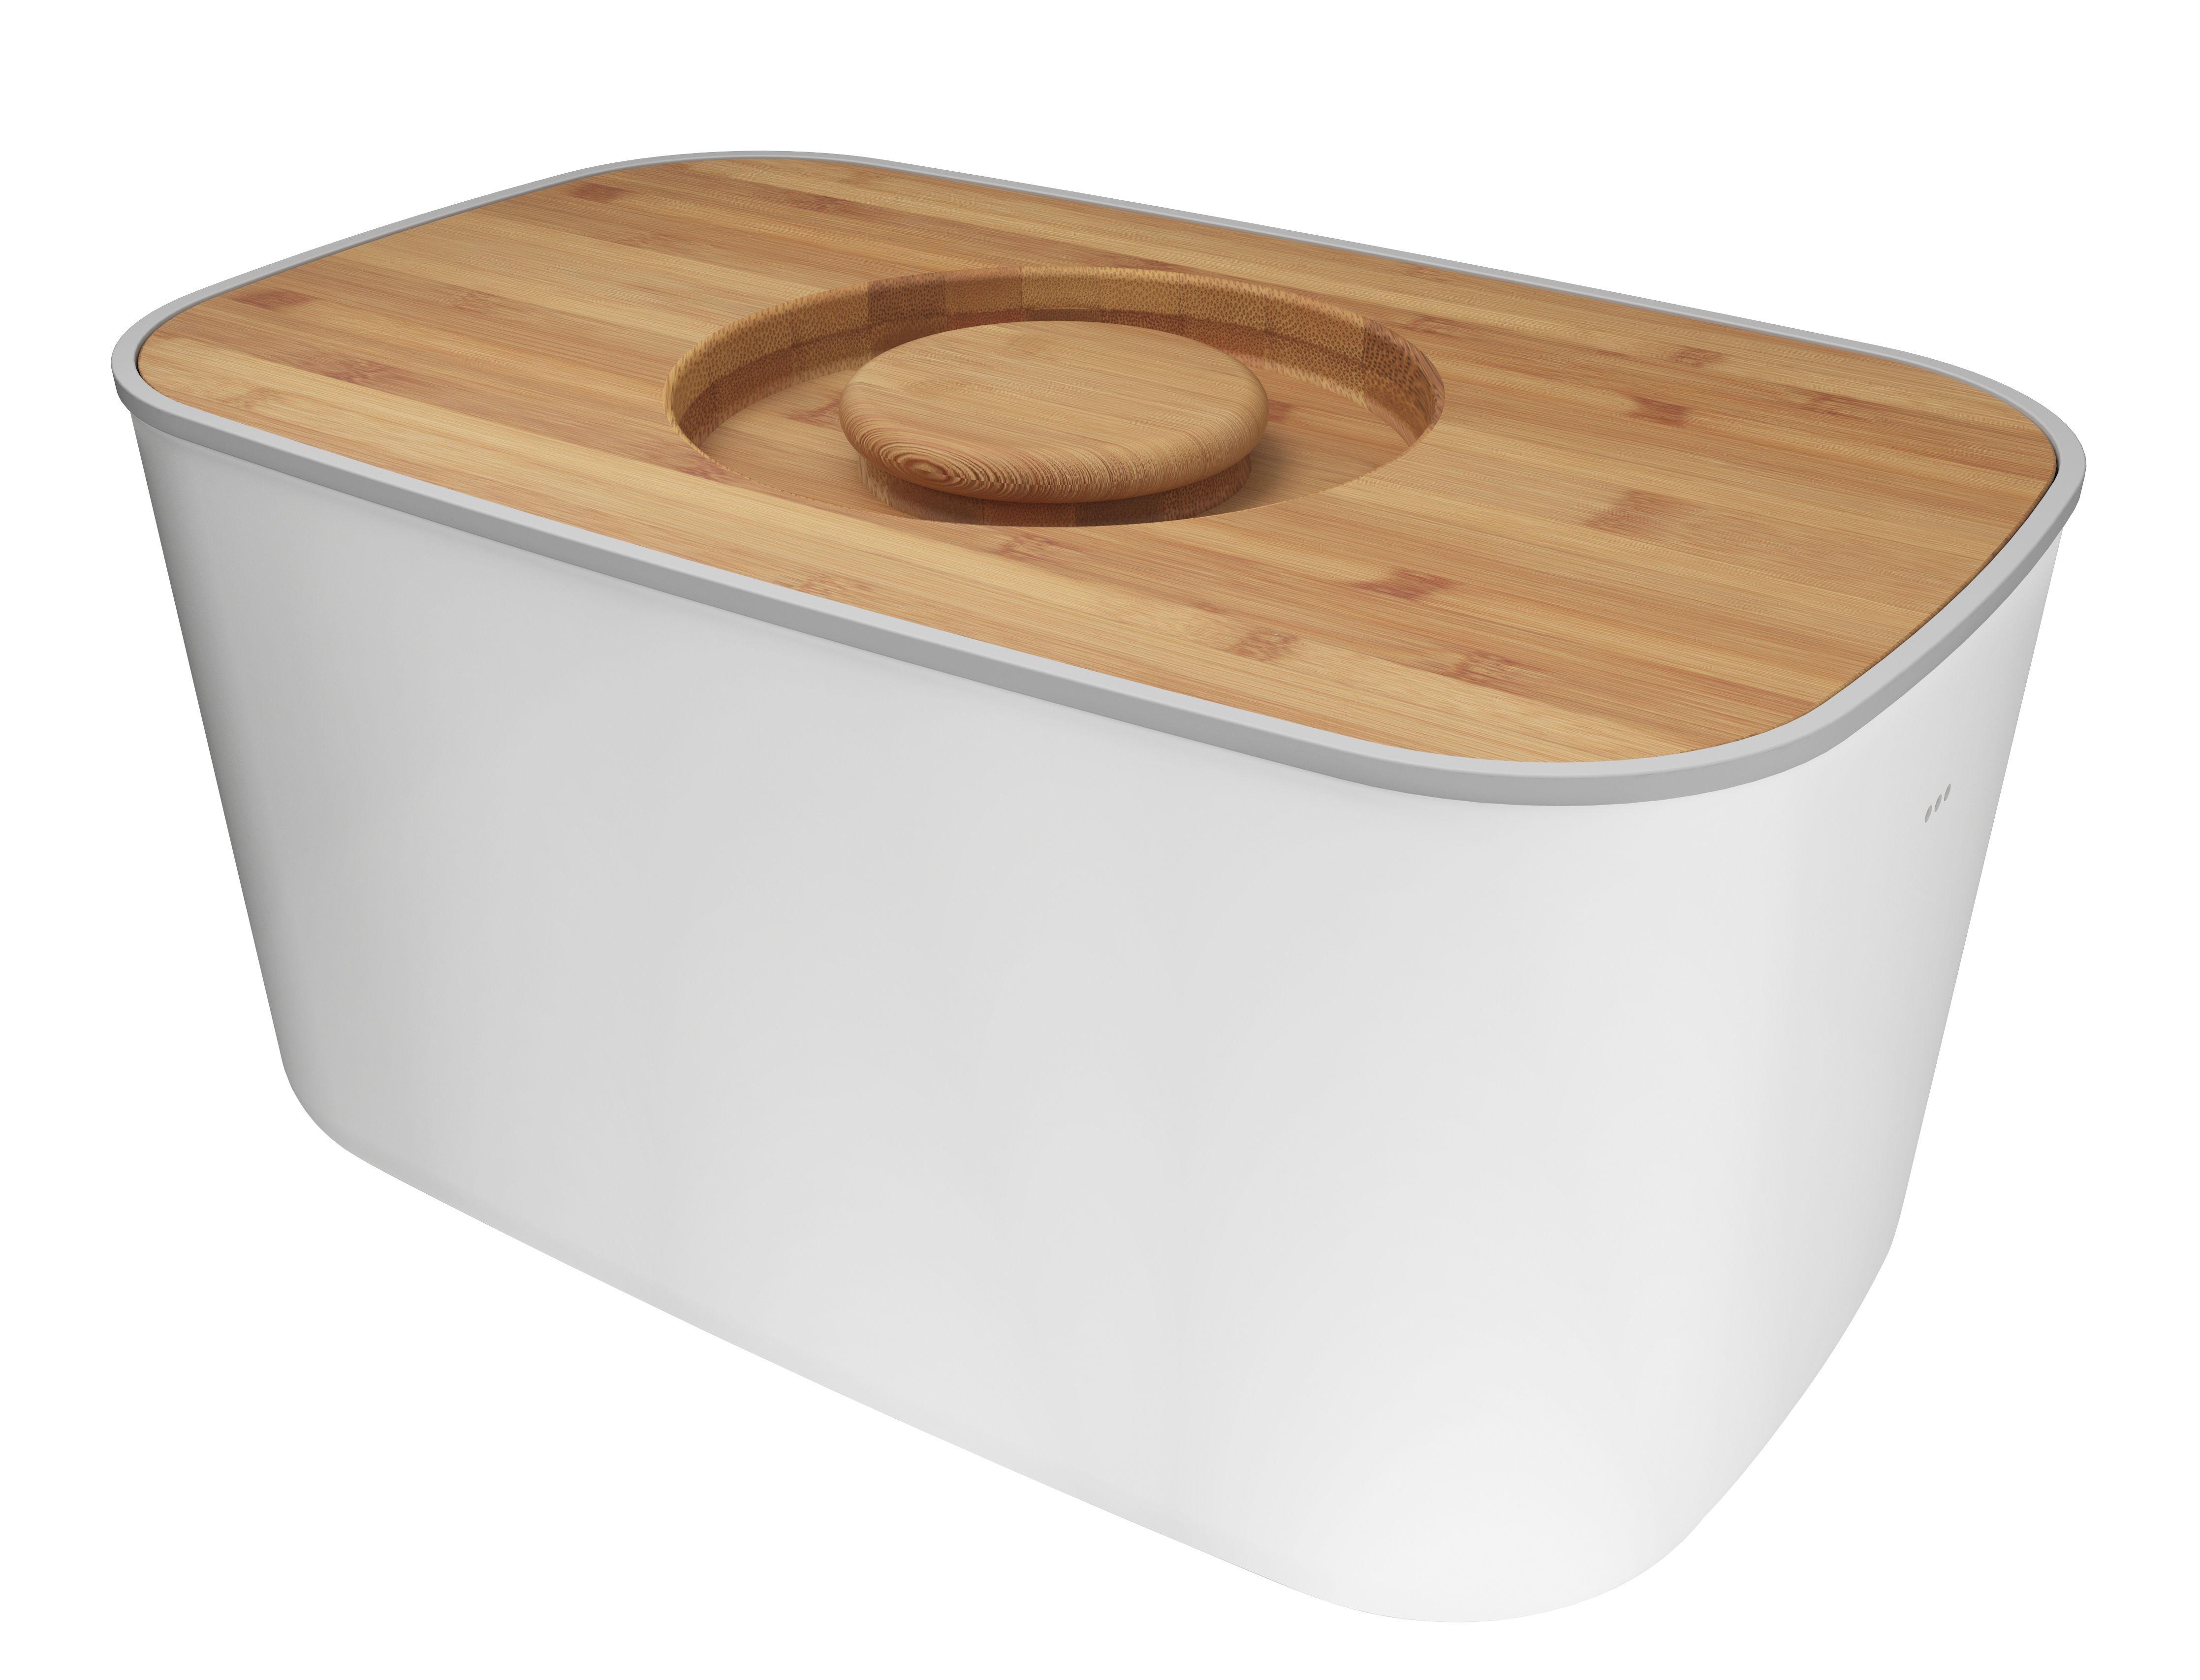 Küche - Küchenutensilien - Brotkasten Stahl / mit Schneidebrett als Deckel - Joseph Joseph - Weiß / Bambus - Bambus, rostfreier Stahl